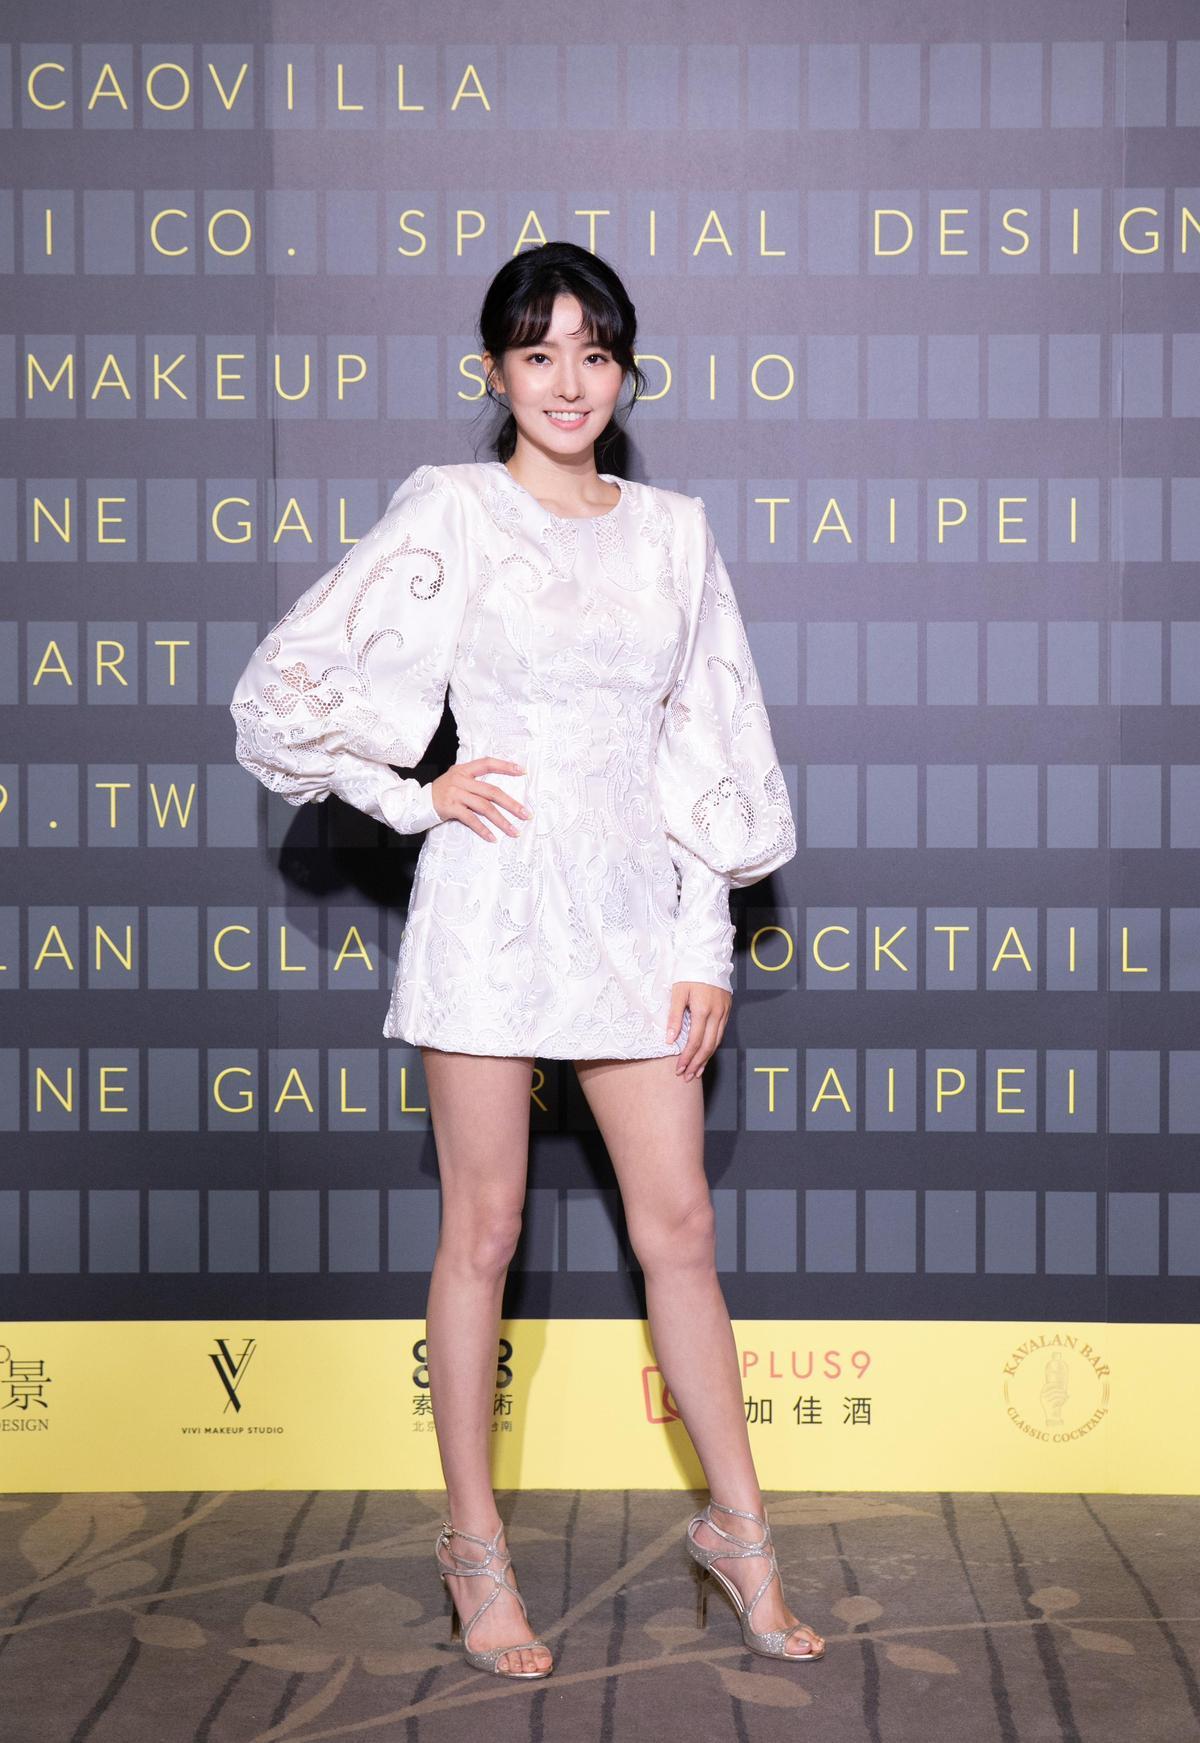 吳克群女友陳語安穿著刺繡鏤空雕花白緞短禮服,讚美服裝讓自己有氣場。(JASMINE GALLERIA提供)